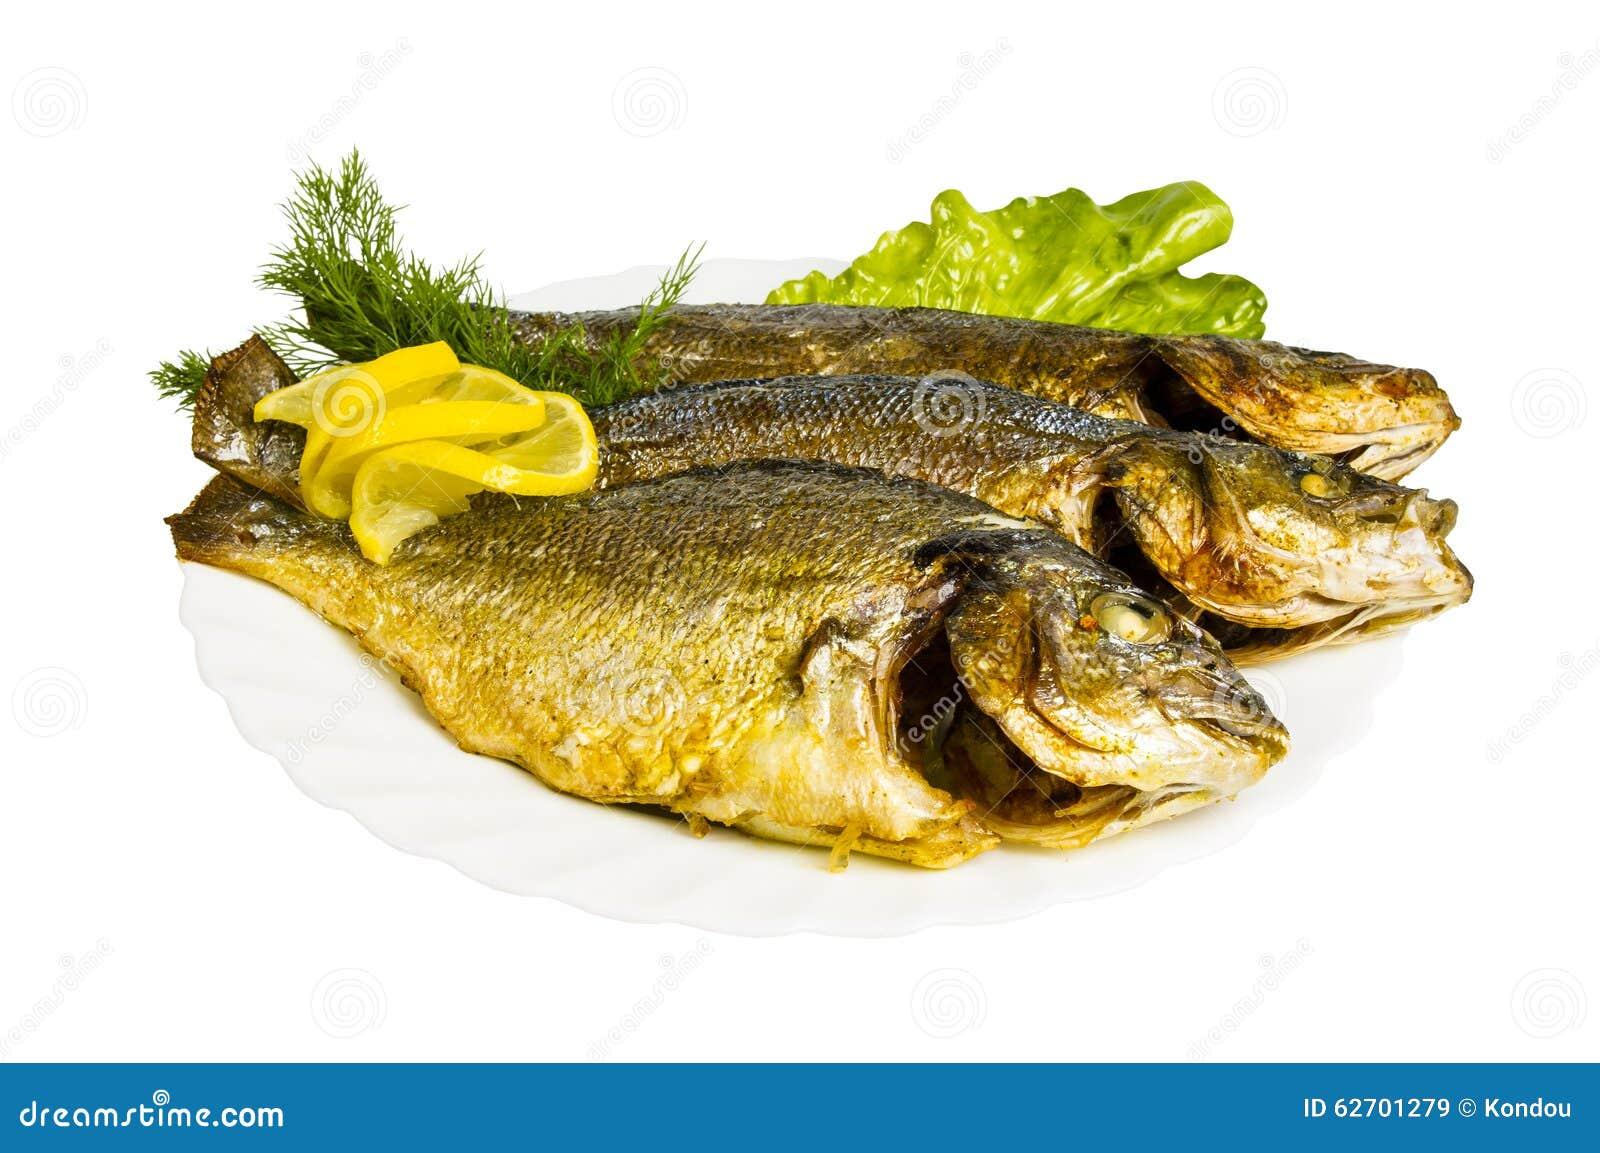 Ψημένα στη σχάρα ψάρια με τα πράσινα στο πιάτο, που απομονώνονται